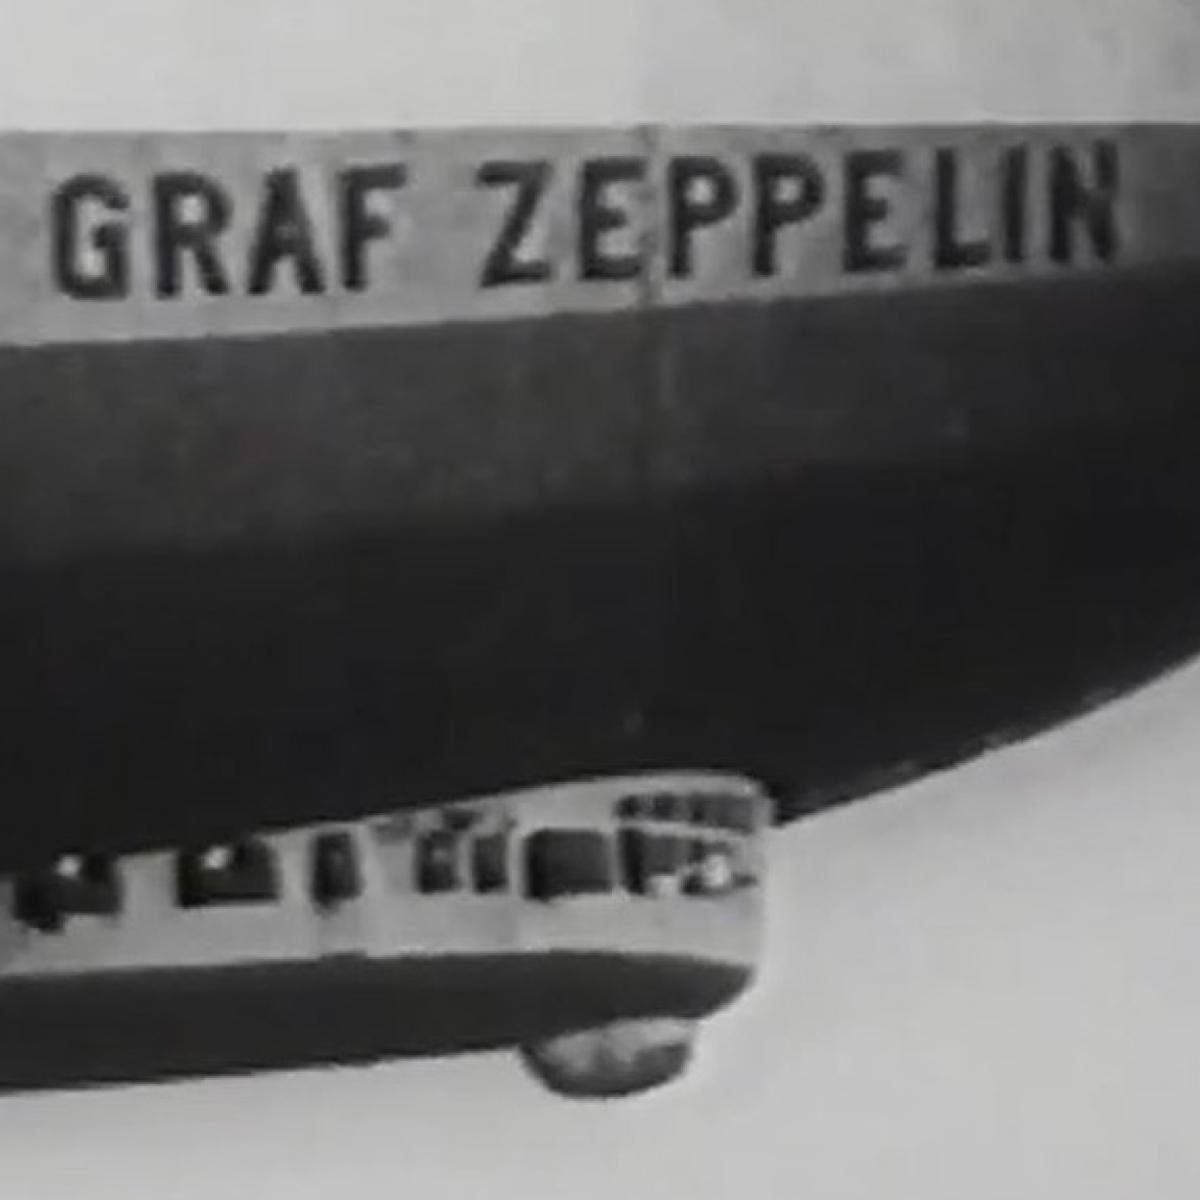 Ausschnitt des Graf Zeppelin Luftschiffes